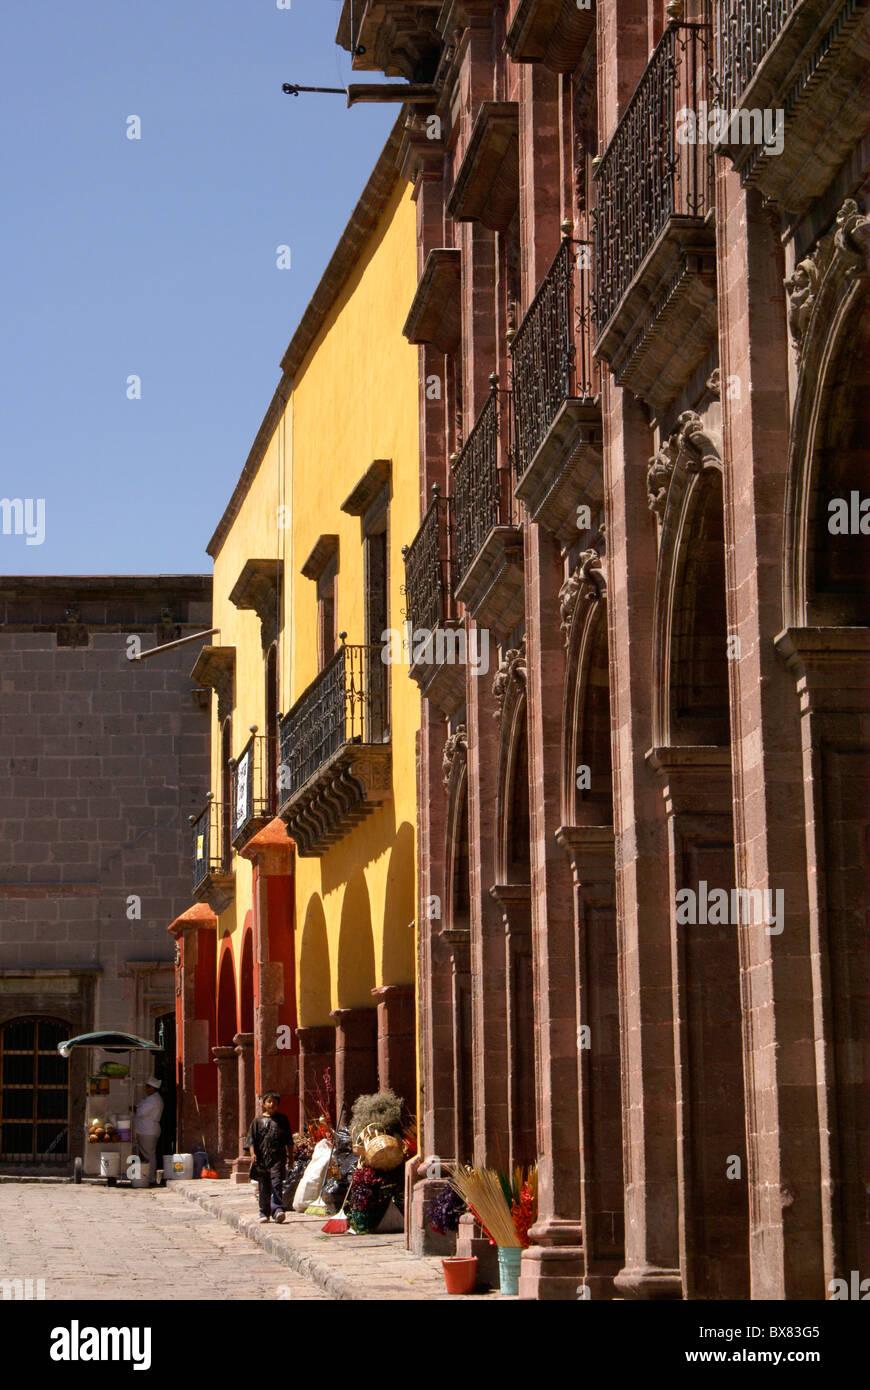 Spanish colonial buildings on El Jardin, the main plaza in San Miguel de Allende, Guanajuato, Mexico. - Stock Image